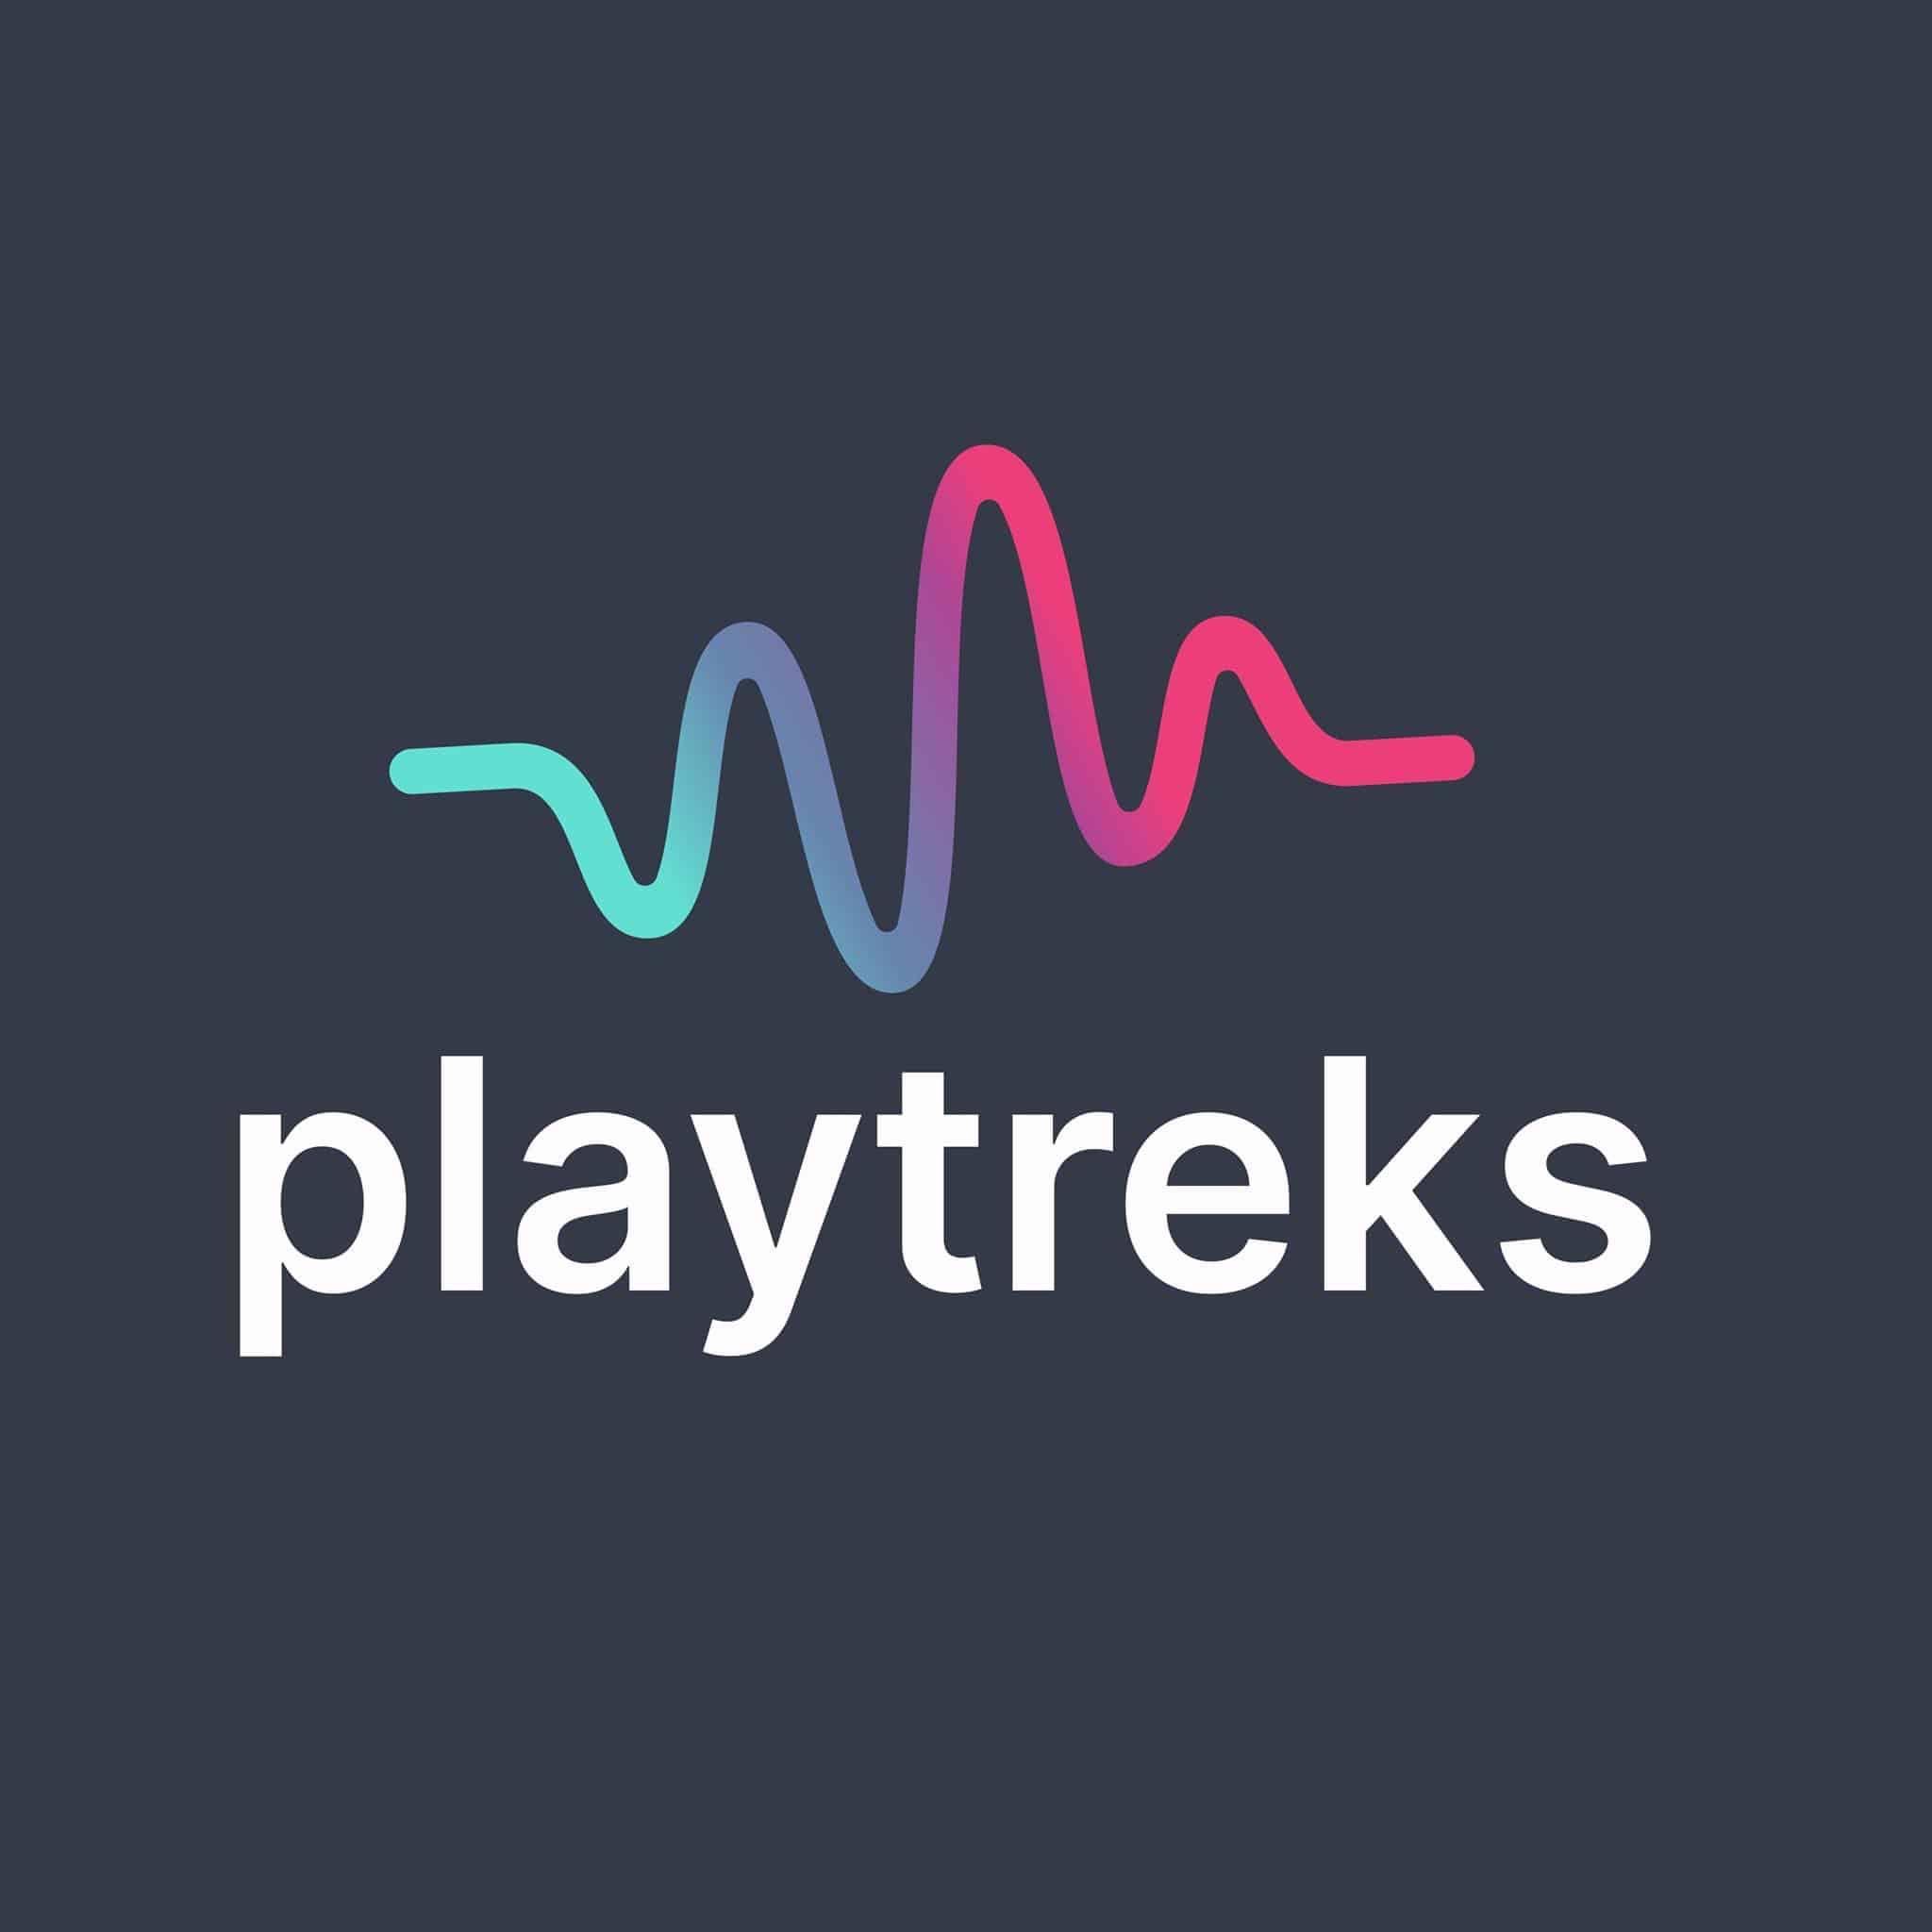 playtreks bv